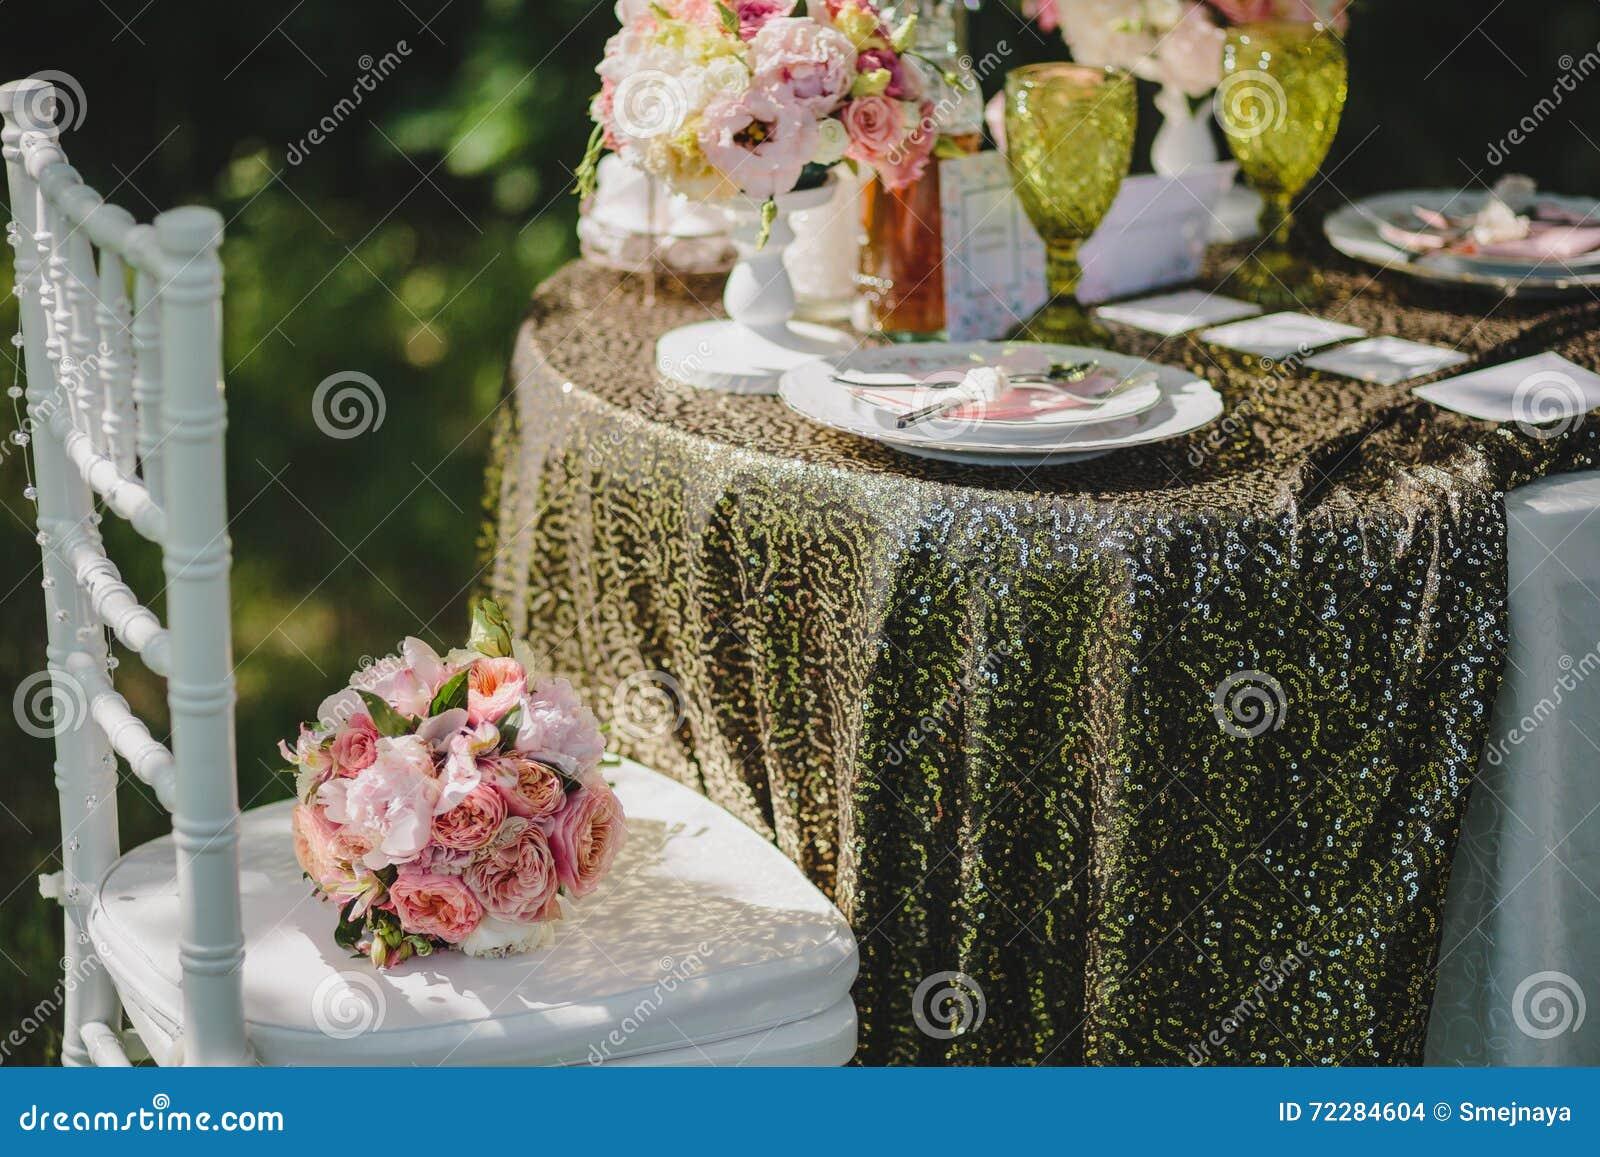 Download Букет на стуле рядом с таблицей украшенной для Picni свадьбы Стоковое Фото - изображение насчитывающей влюбленность, blooping: 72284604